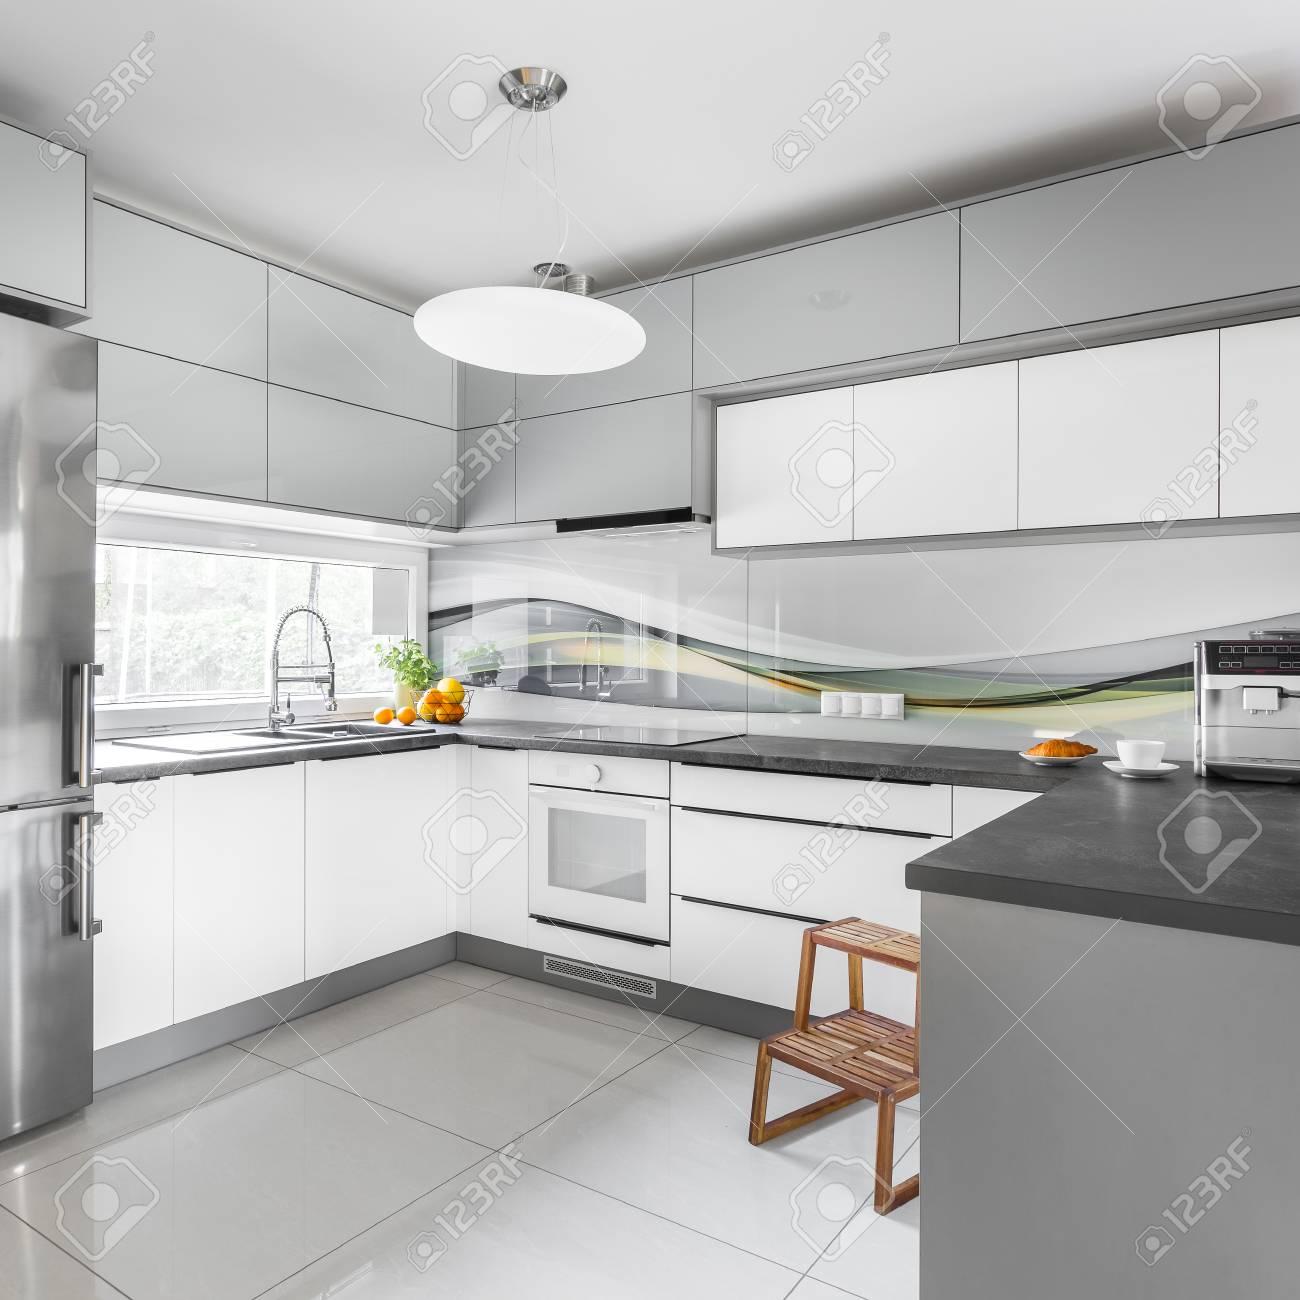 Modernes Design Kuche In Grau Und Weiss Mit Holztritthocker